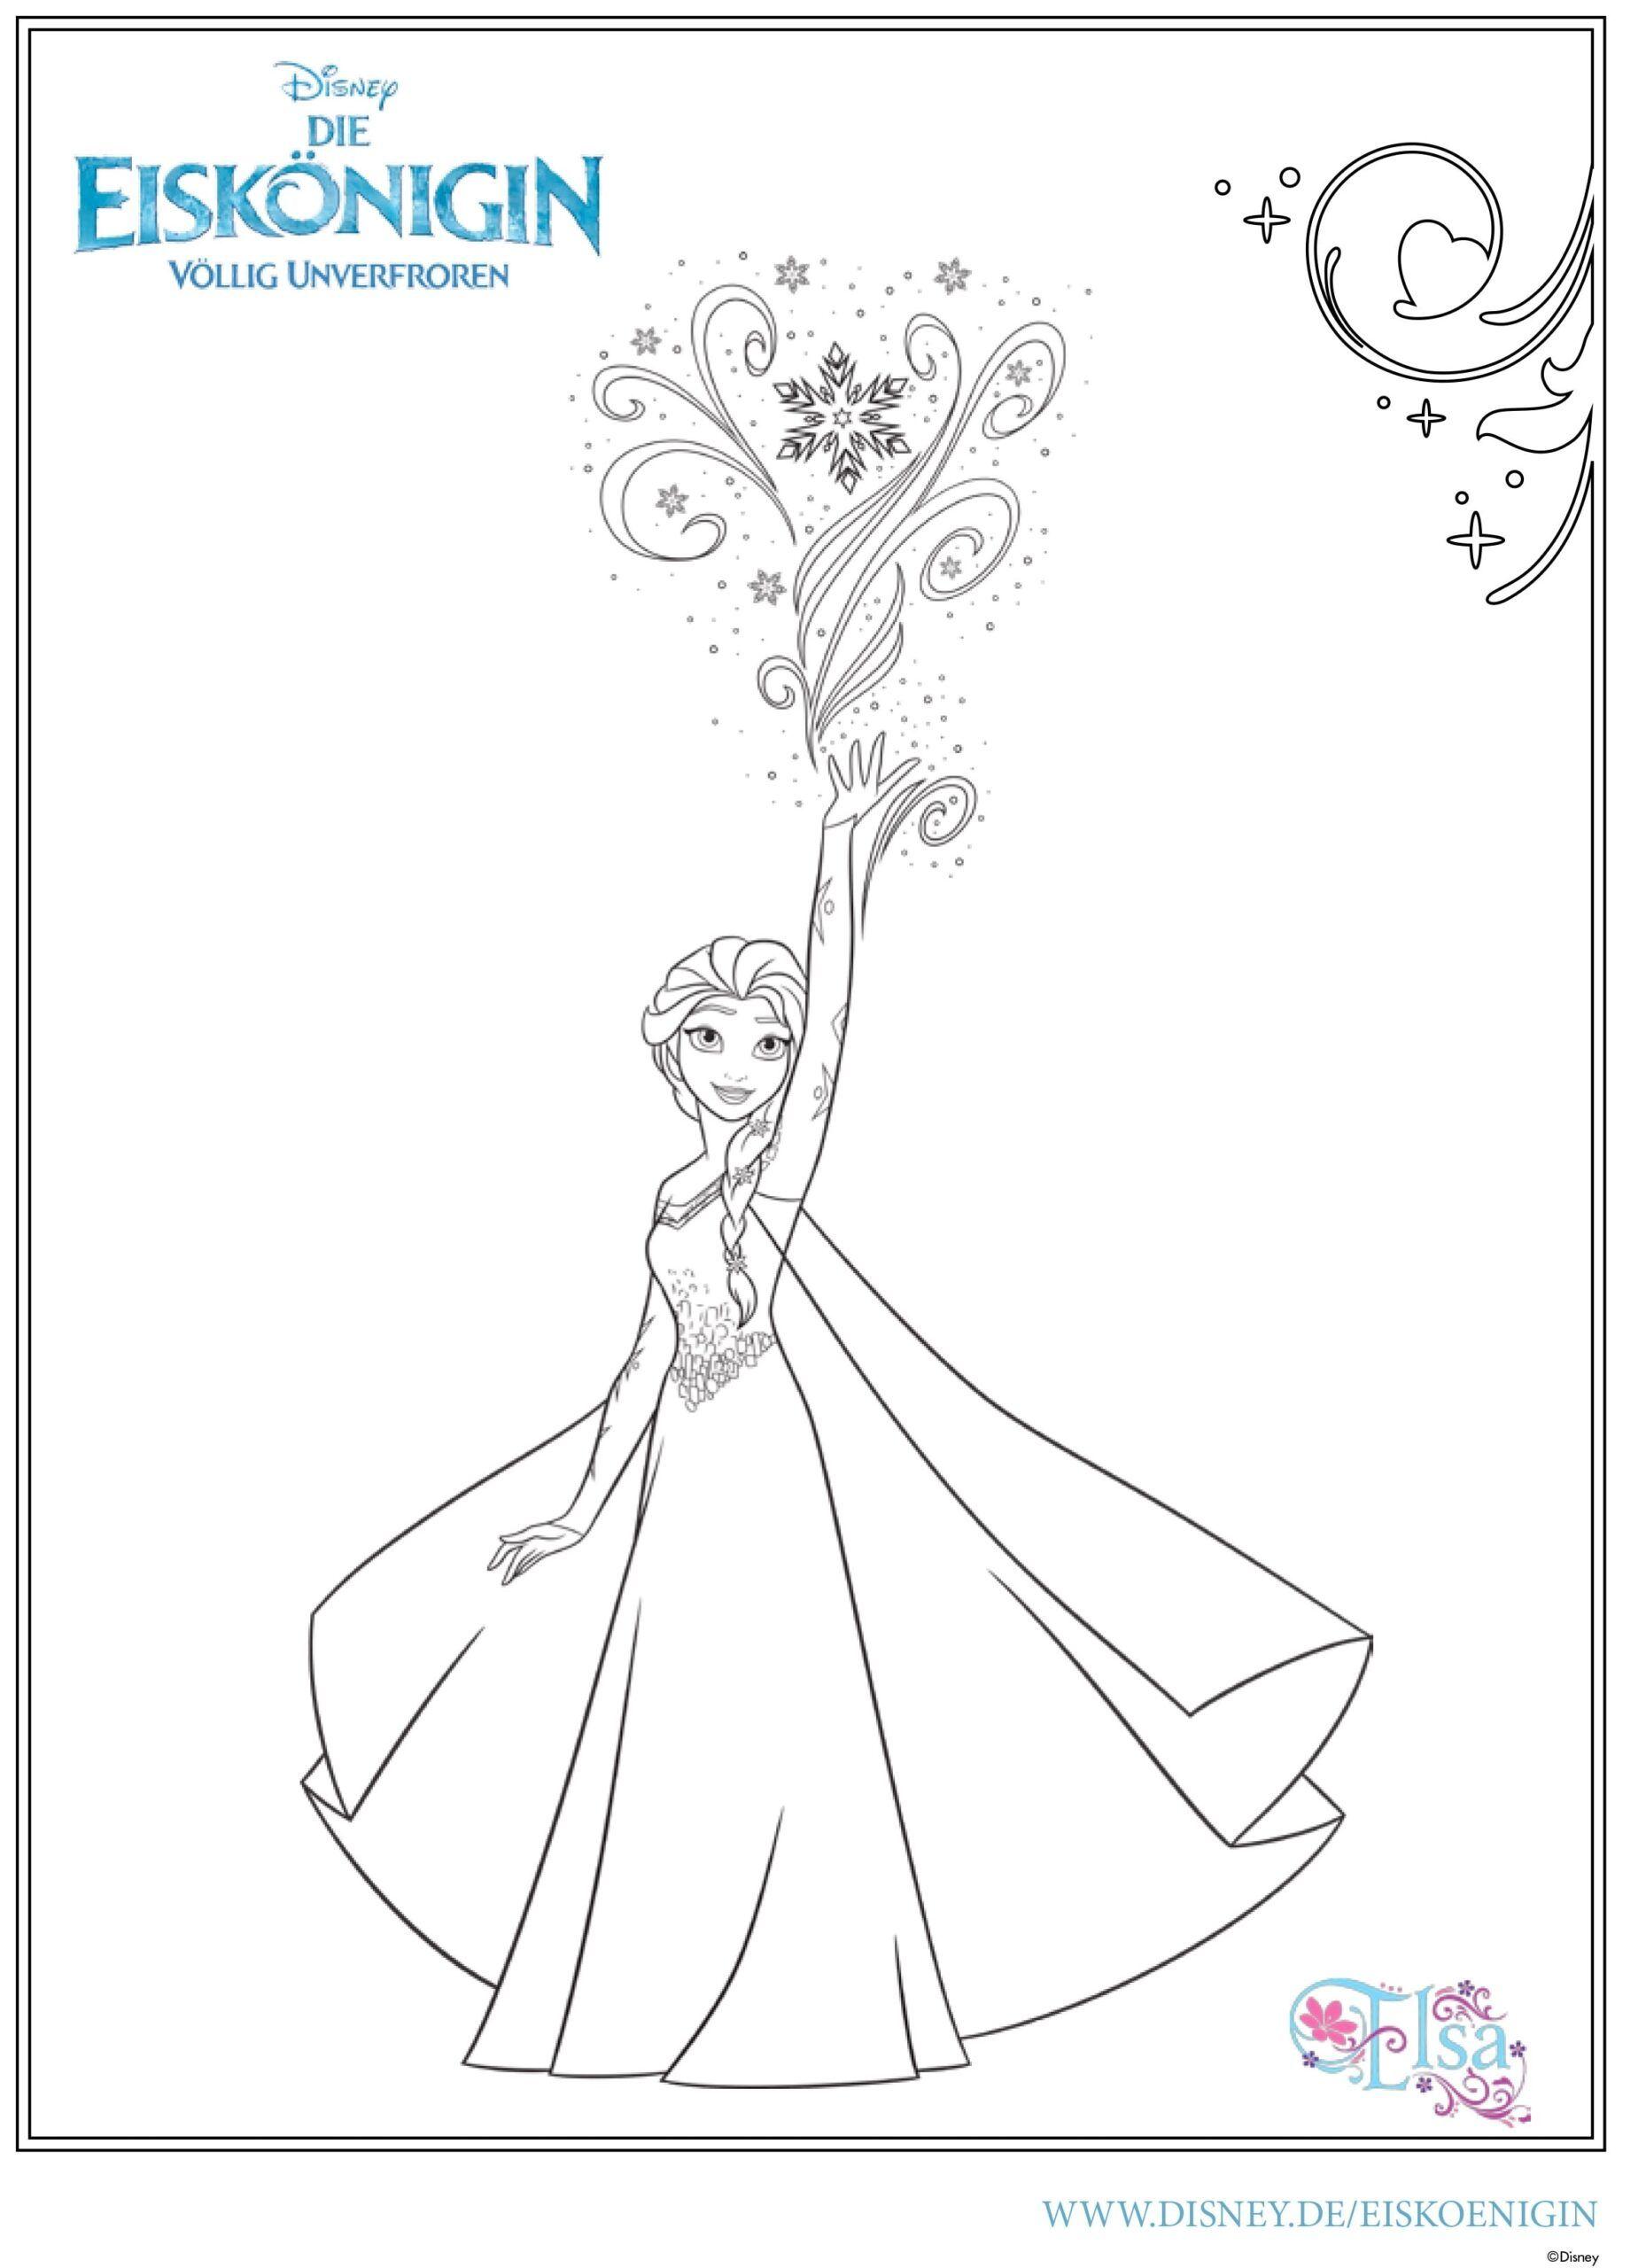 10 Grossartig Eiskonigin Malvorlage Anschauung 2020 In 2020 Elsa Coloring Pages Frozen Coloring Pages Frozen Coloring